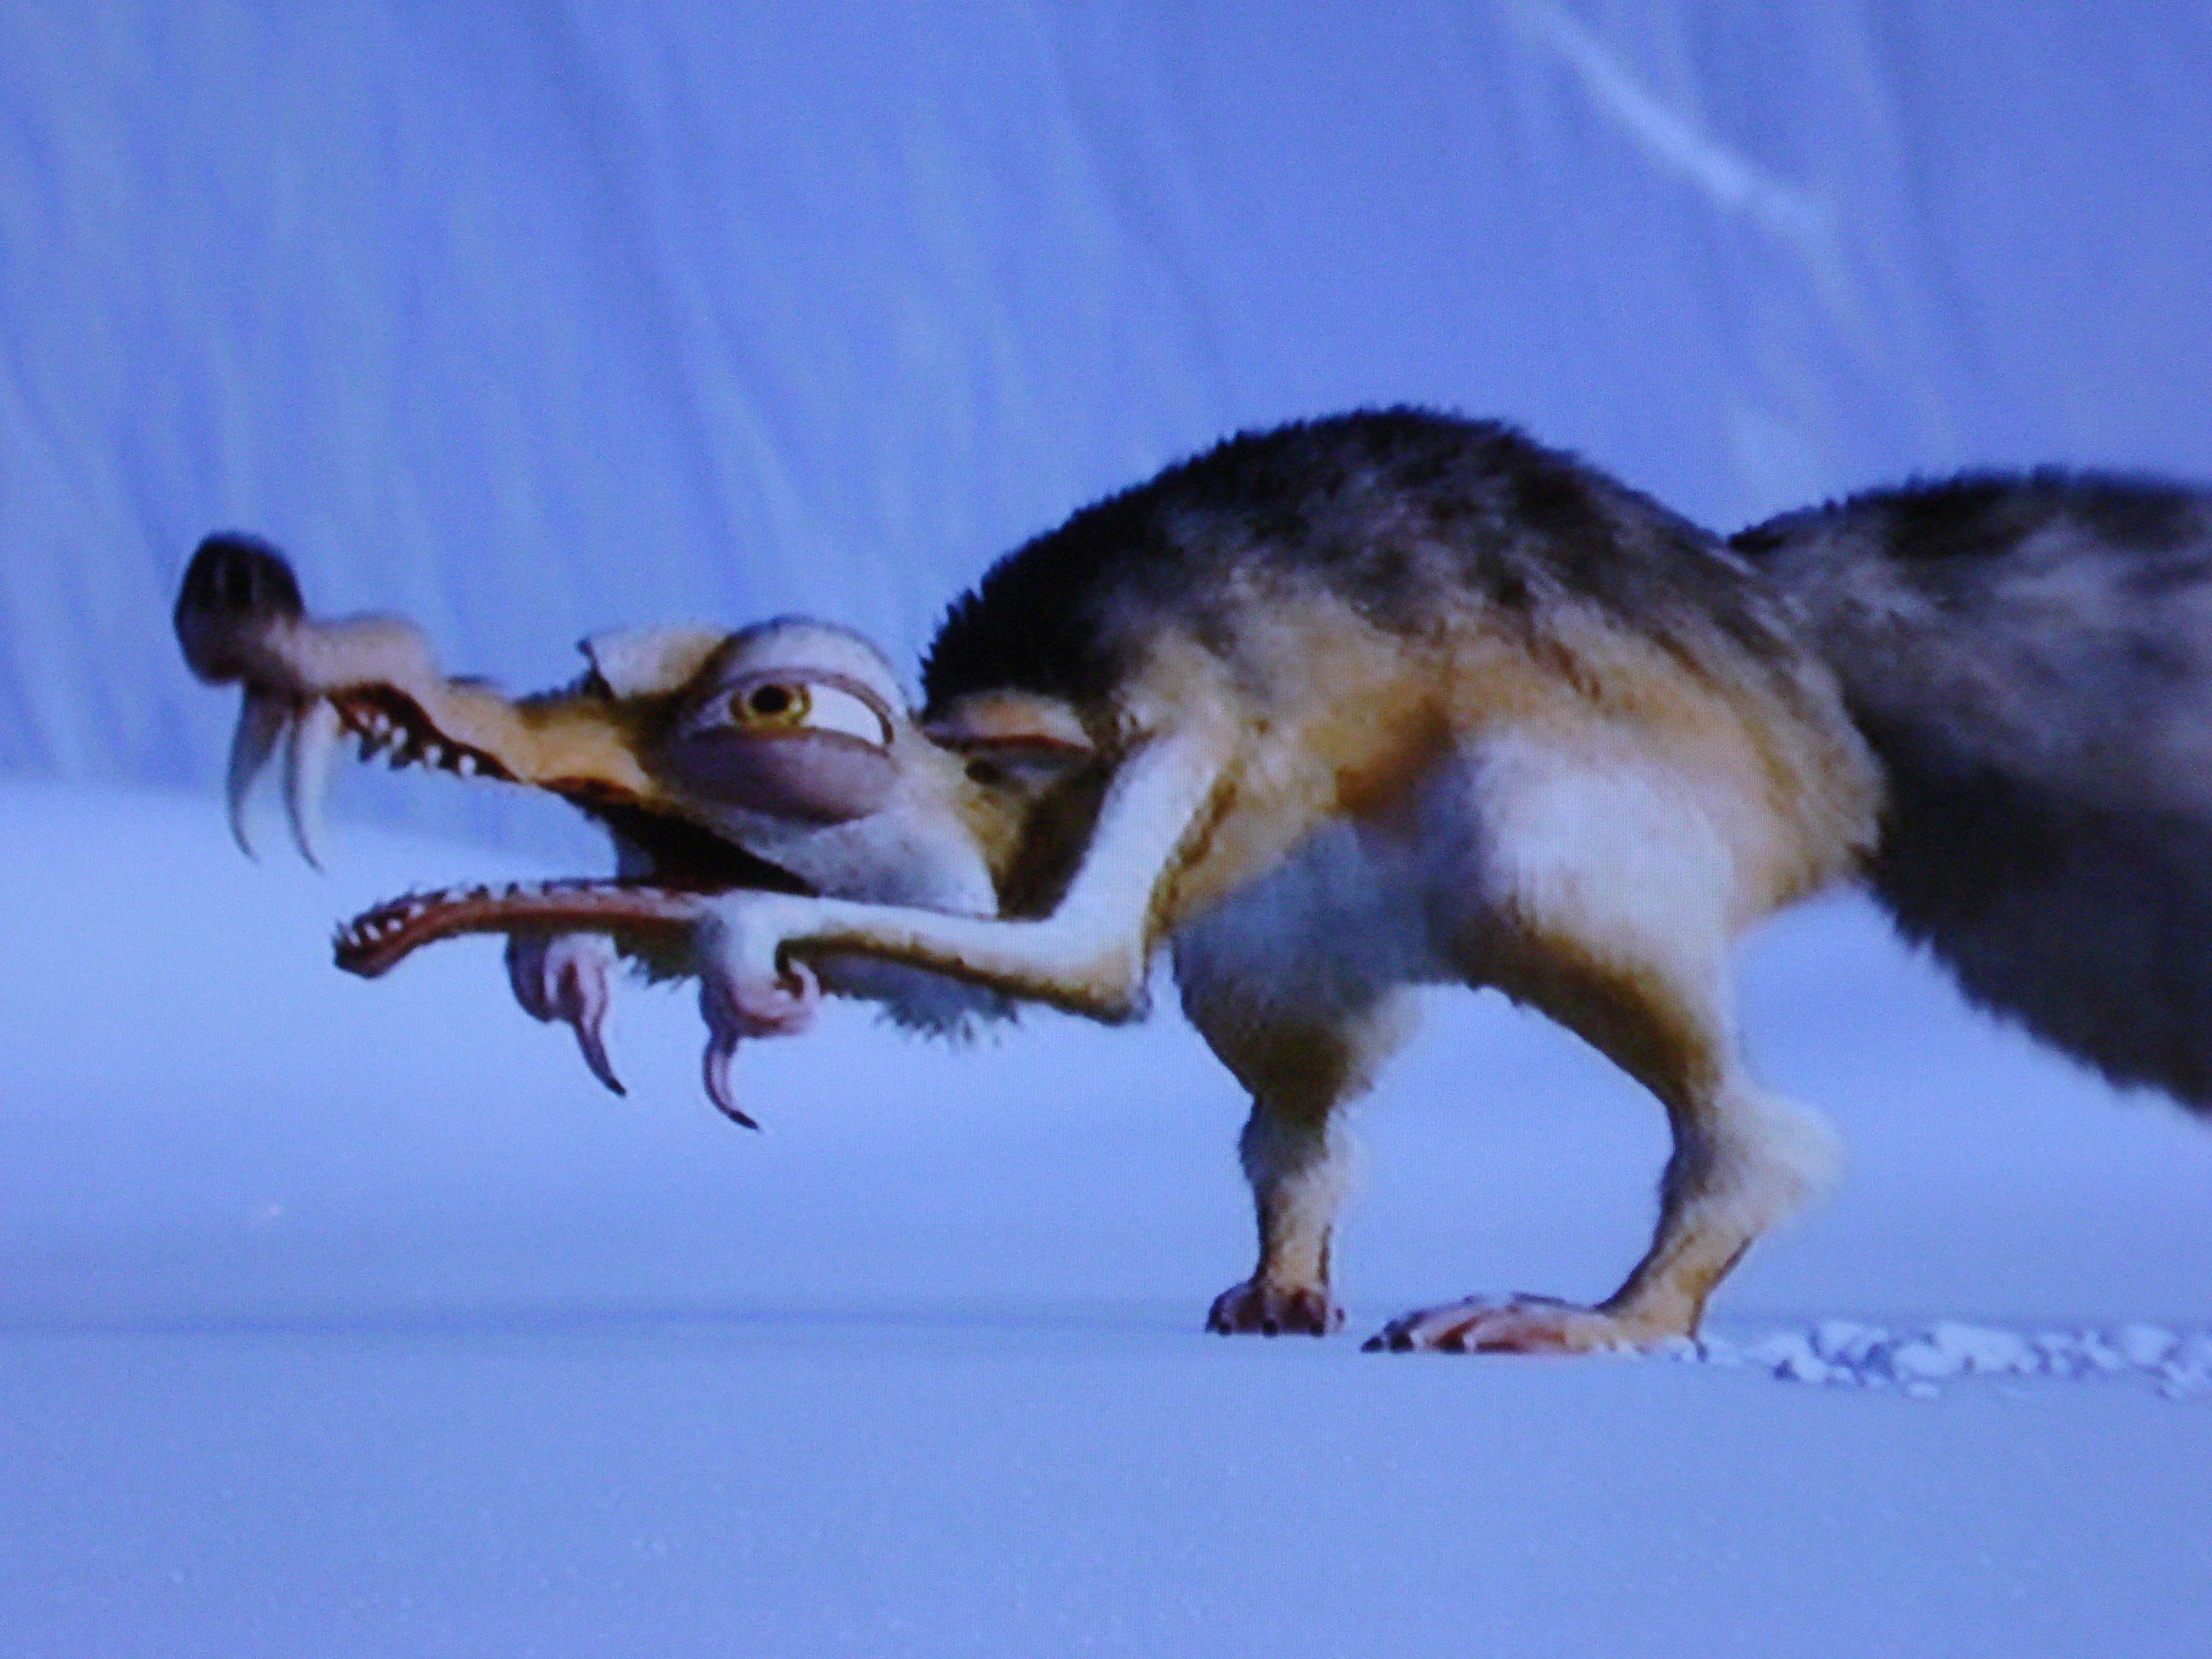 образом фото крысобелки из ледникового периода оживить